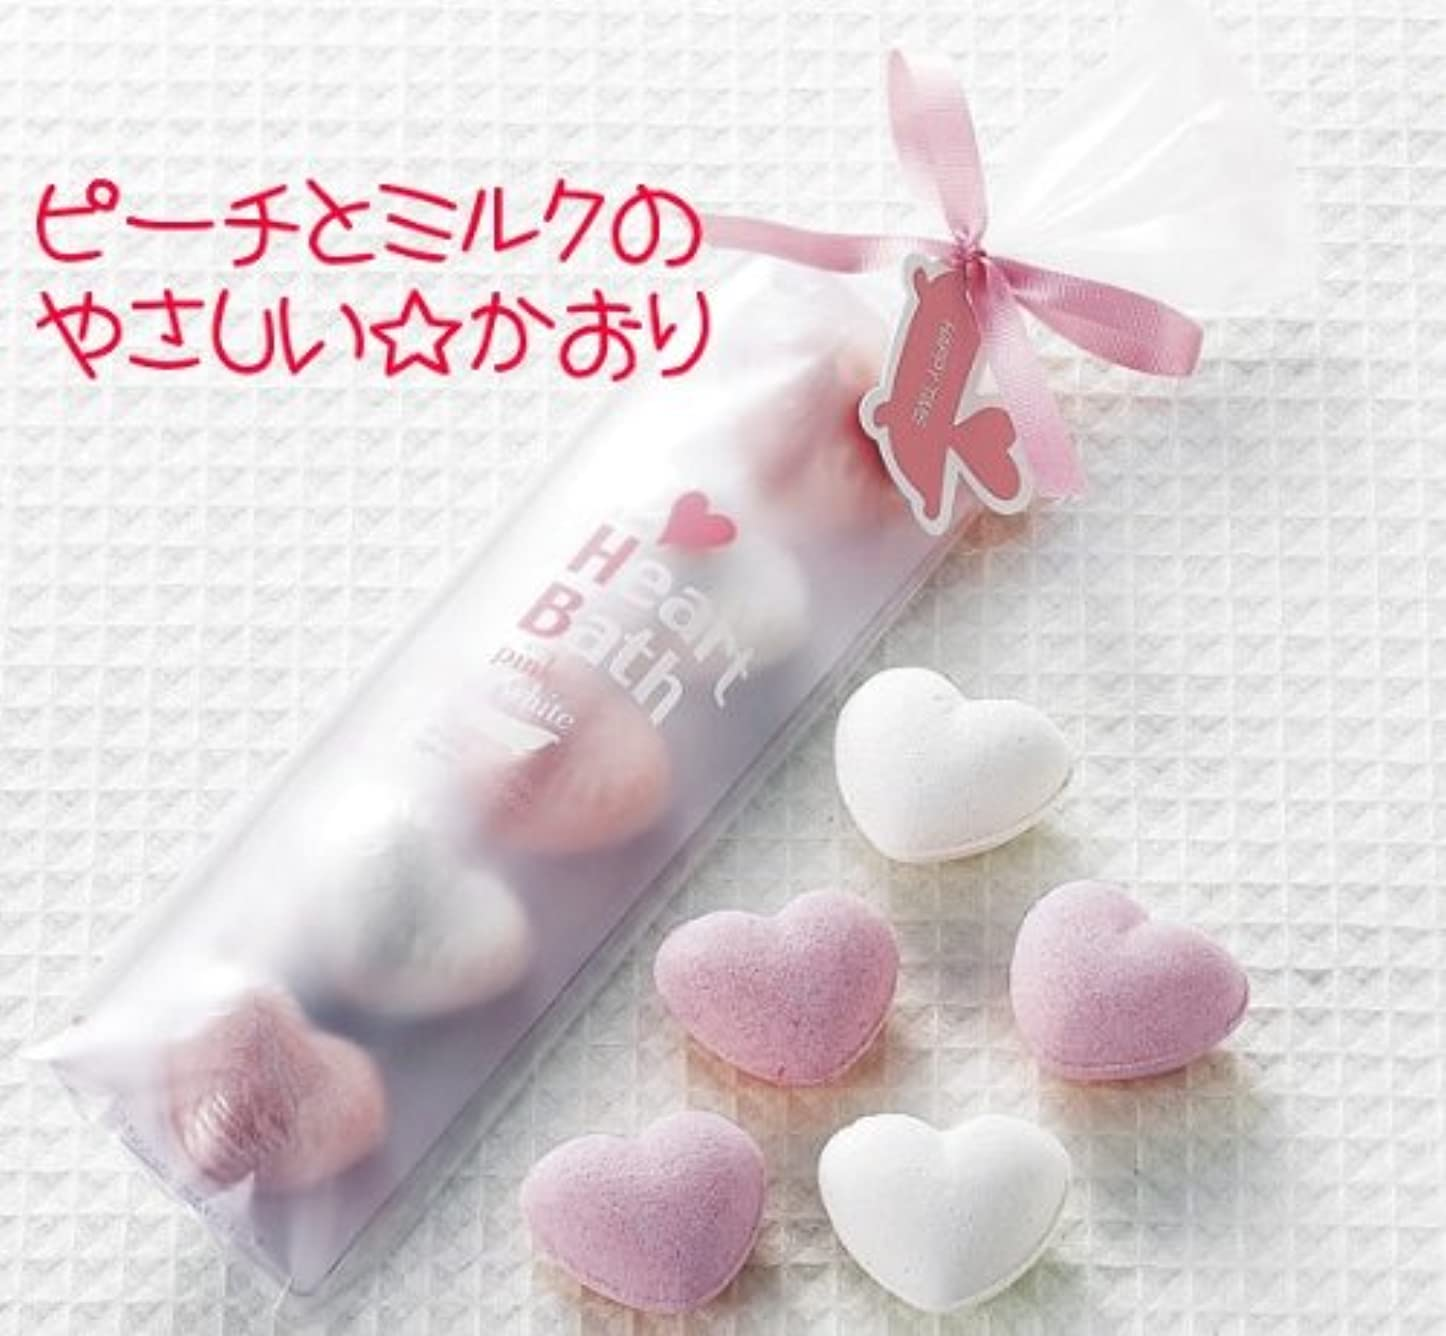 湾フリッパー等価ハートの入浴剤 ピーチ&ミルク【結婚式 二次会 プチギフト】